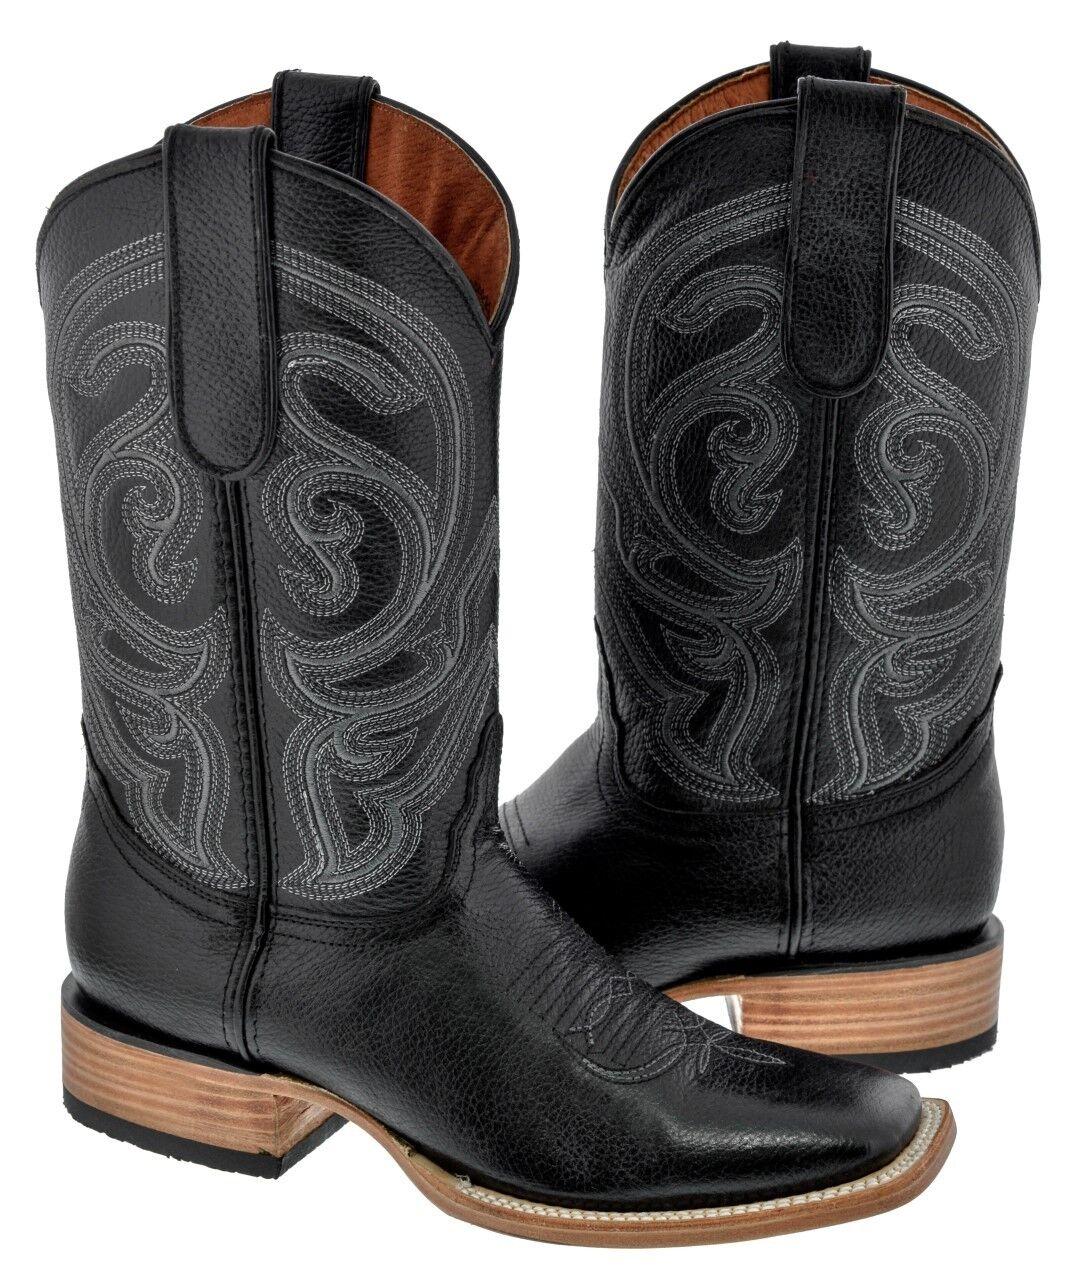 Hombre Cuero Real Suave Negro botas De Vaquero Western Wear Dedo Del Pie Cuadrado Casual